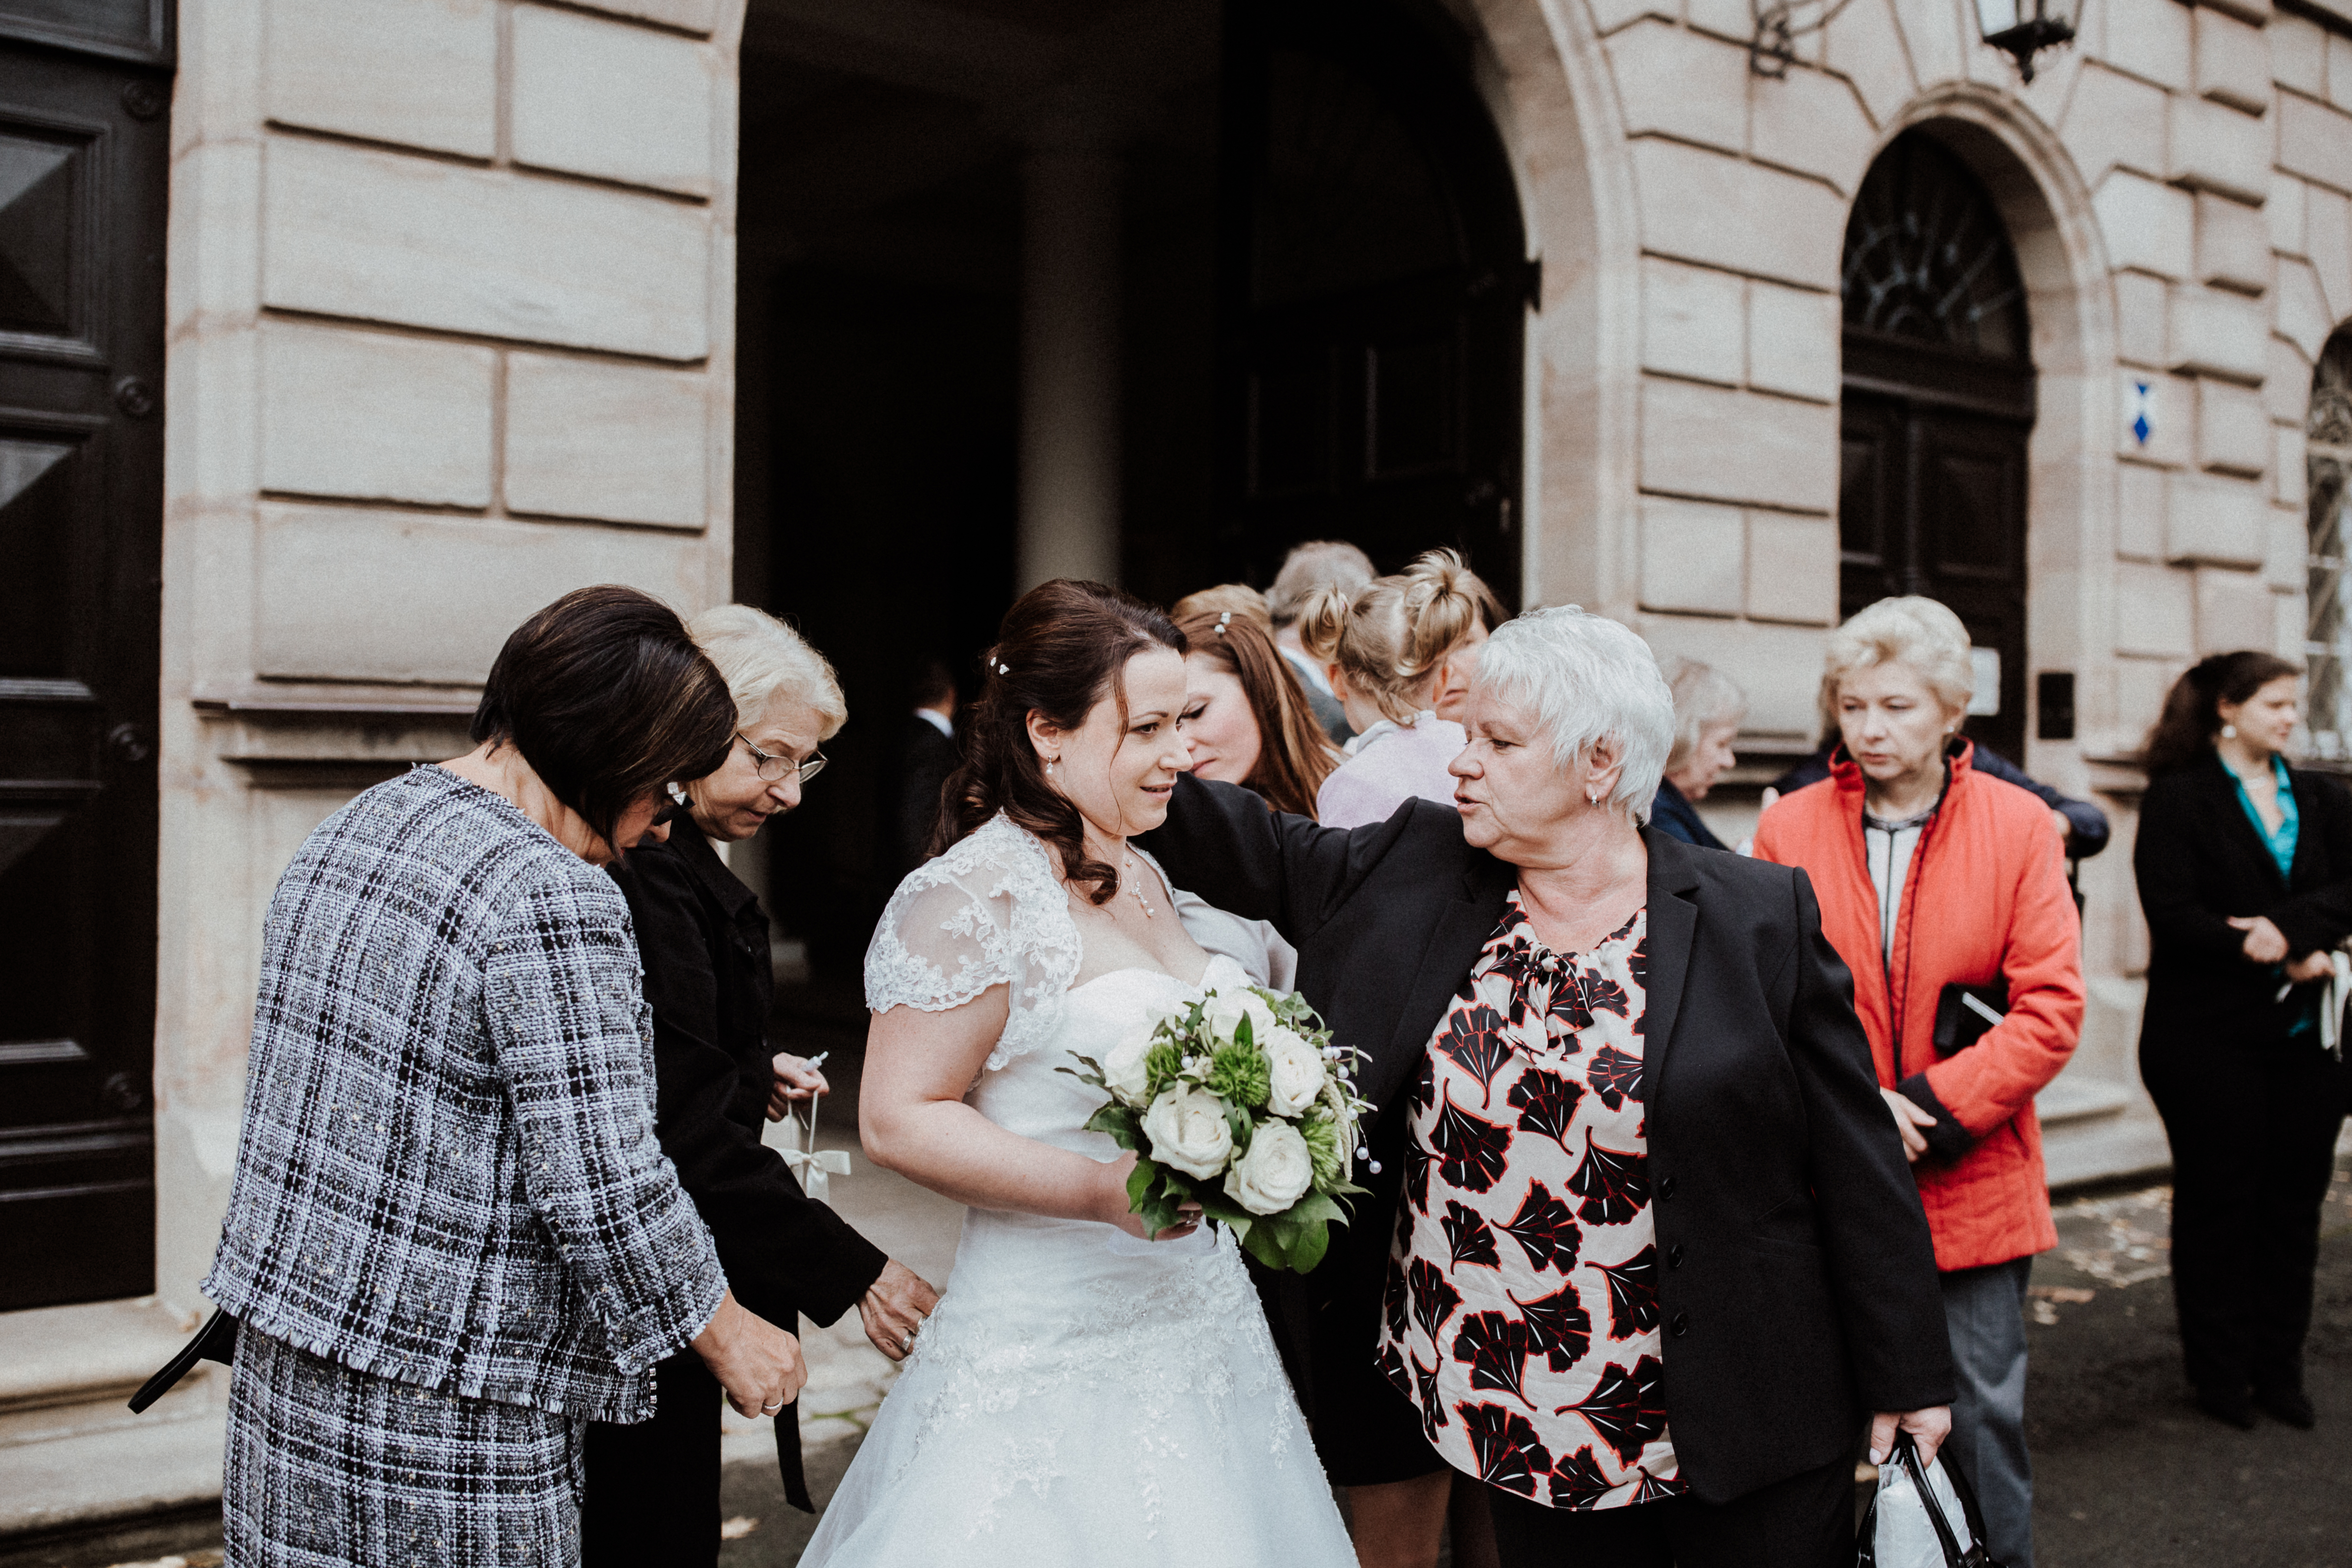 URBANERIE_Daniela_Goth_Hochzeitsfotografin_Nürnberg_Fürth_Erlangen_Schwabach_171007_0633